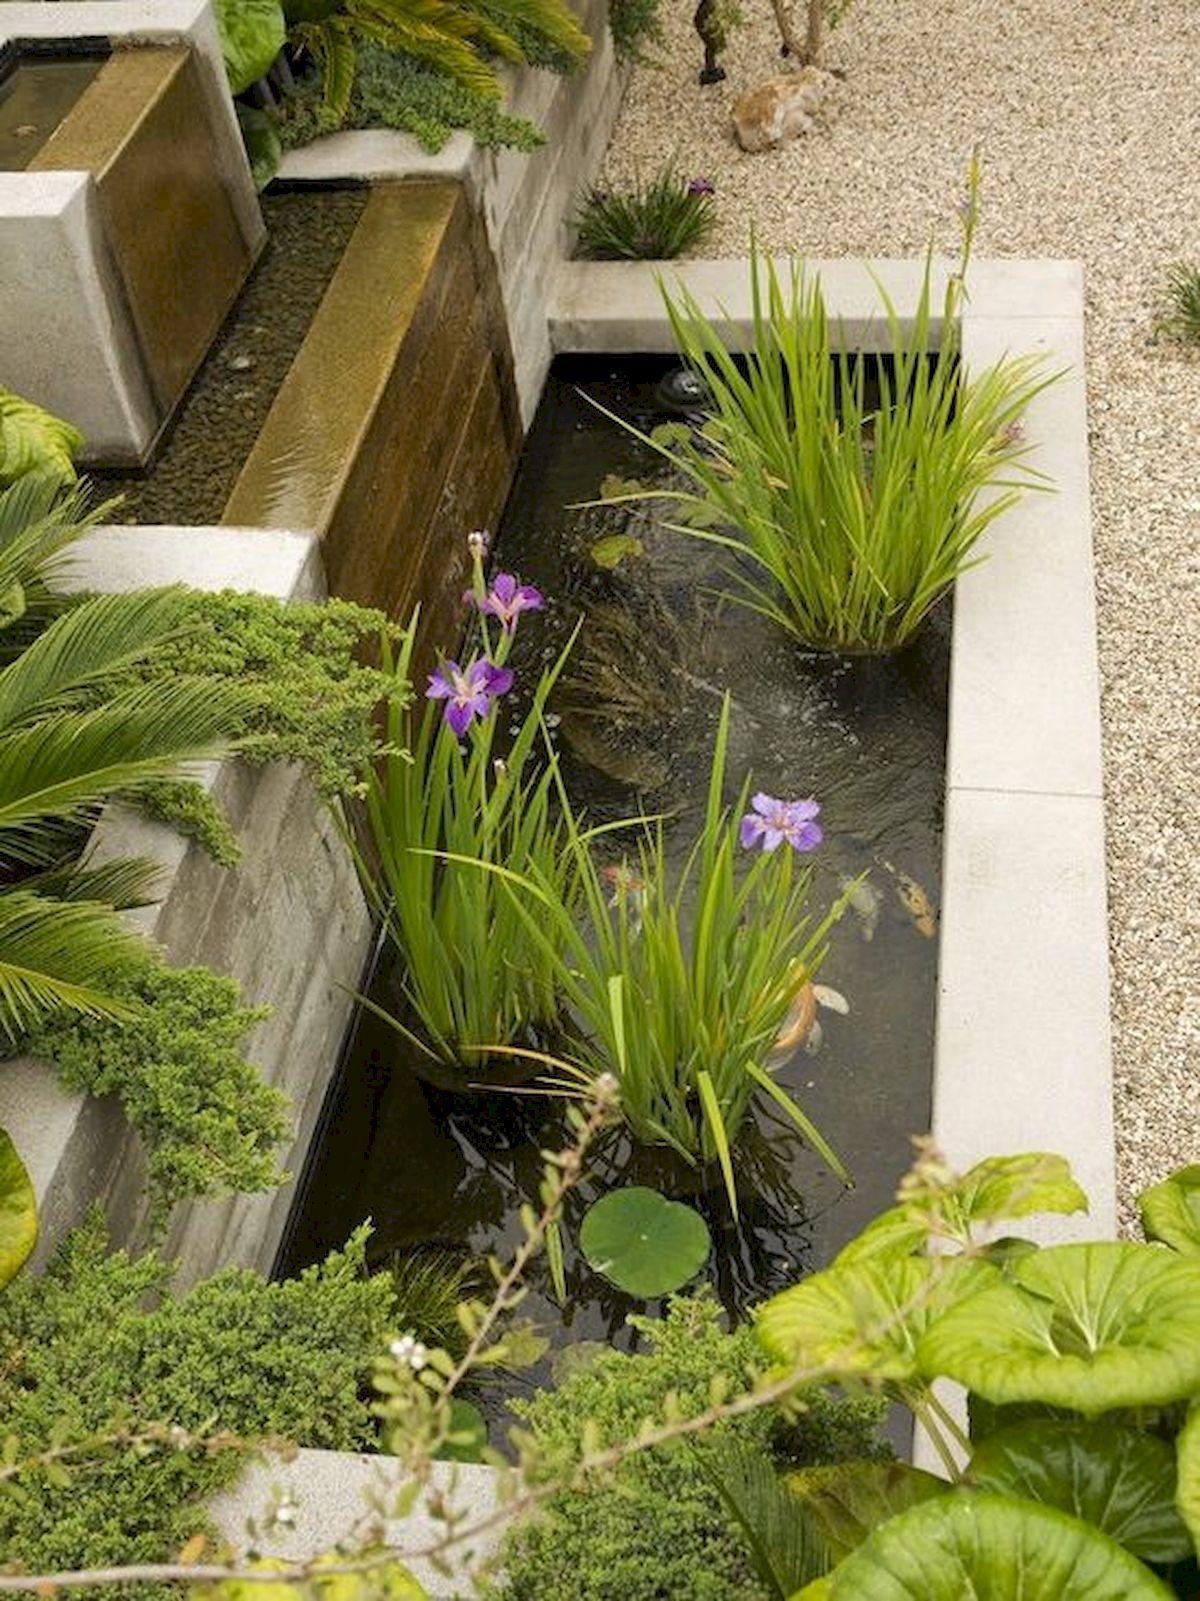 Pin Oleh Iwan Suryono Di Tanaman Air Kebun Kebun Tanaman Hidup